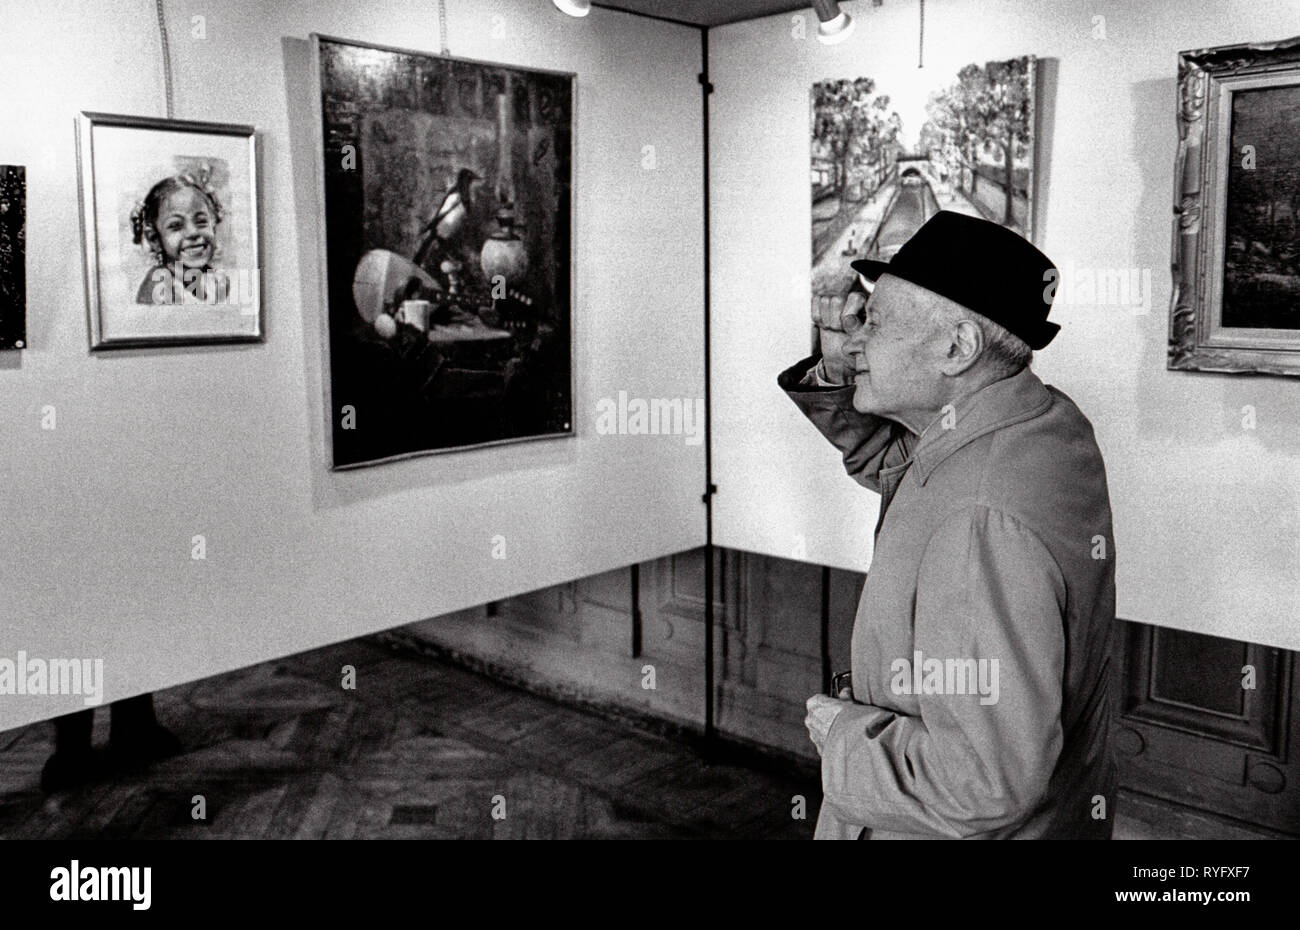 art exhibition at Buttes Chaumont, 19th Arrondissement town hall, Paris, France Stock Photo